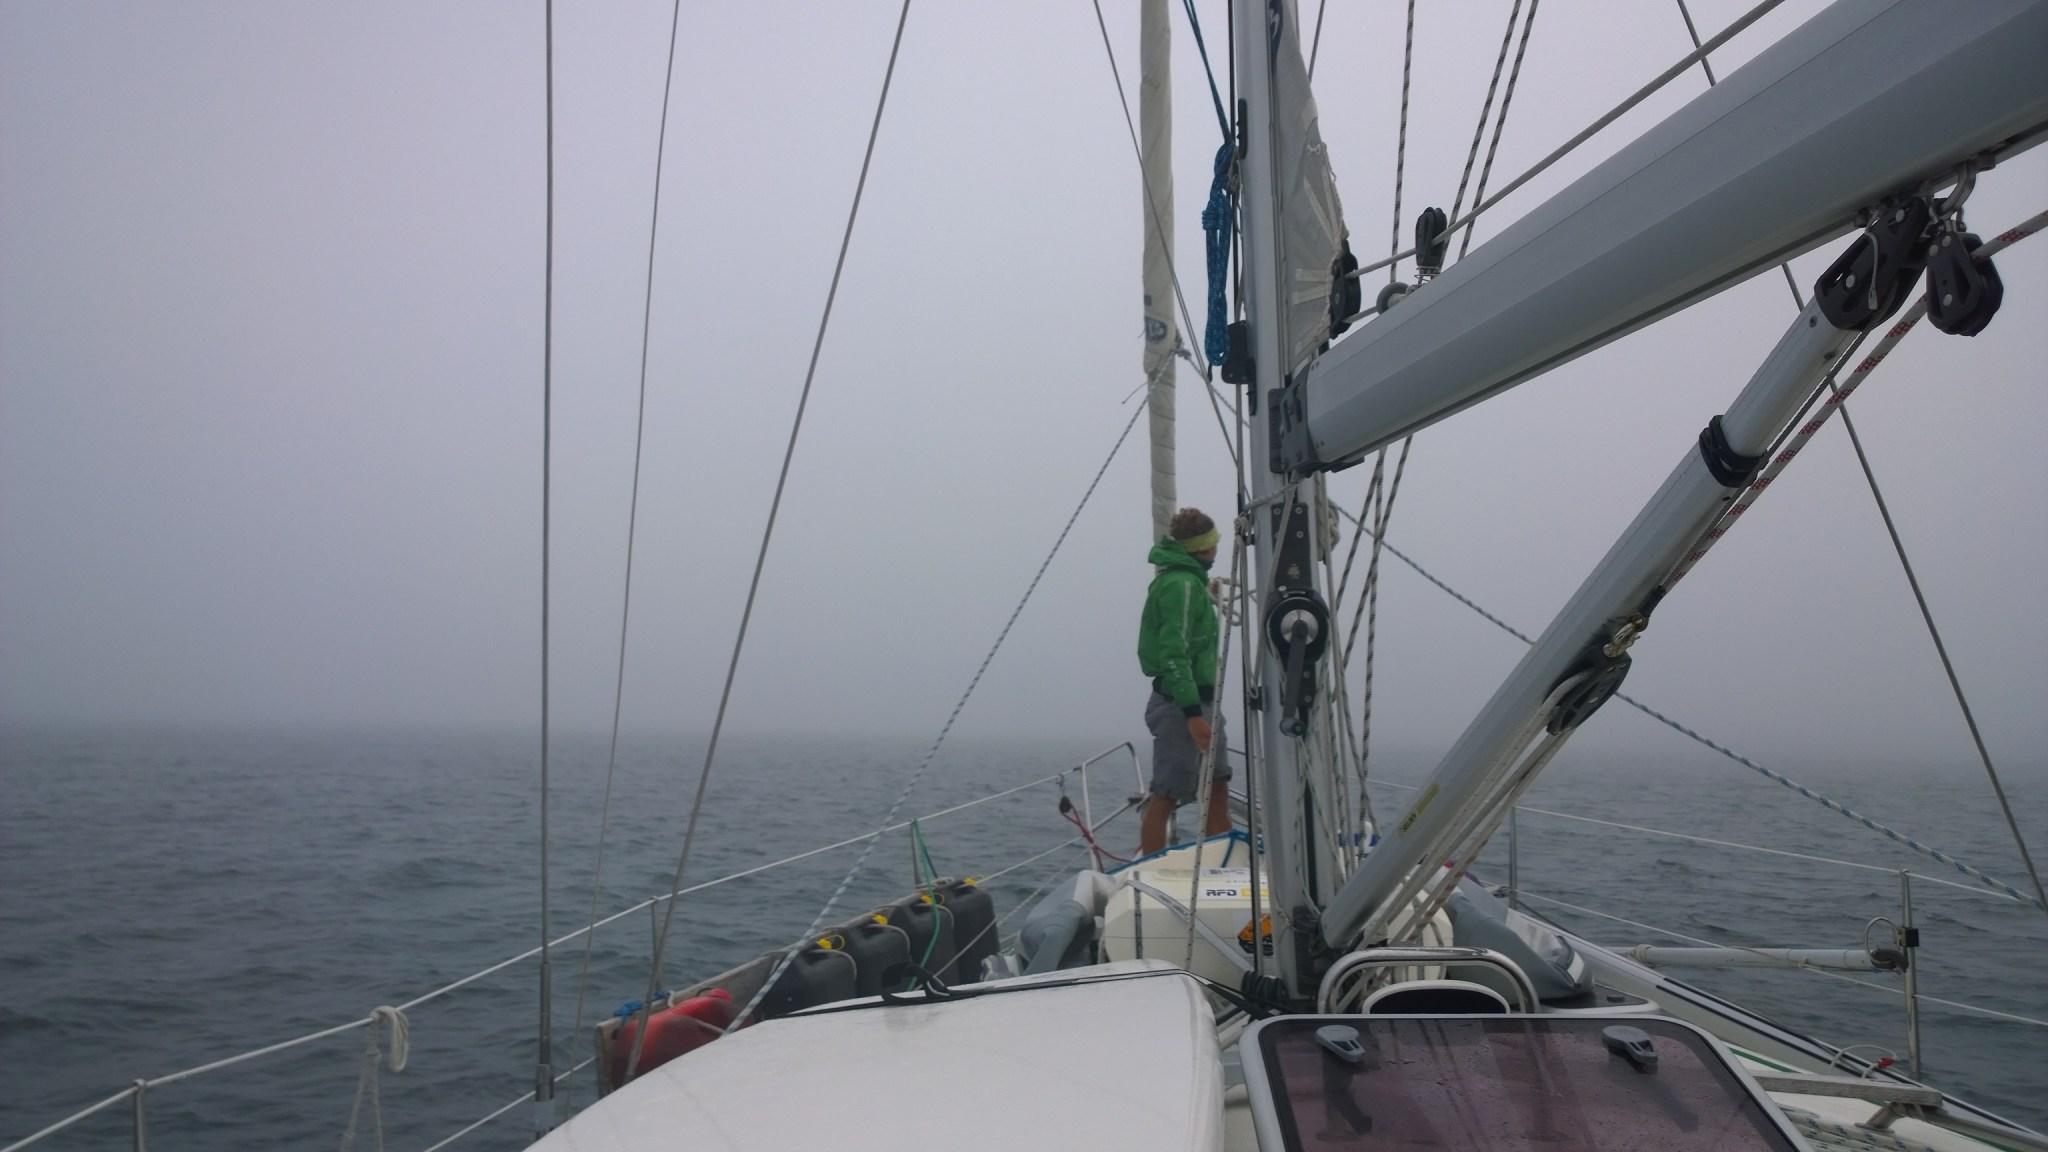 Tutun harmaata taas. Olemme juuri saapumassa Roscoffin satamaan. Allonmurtaja on tuossa parinsadan metrin päässä suoraan edessä.